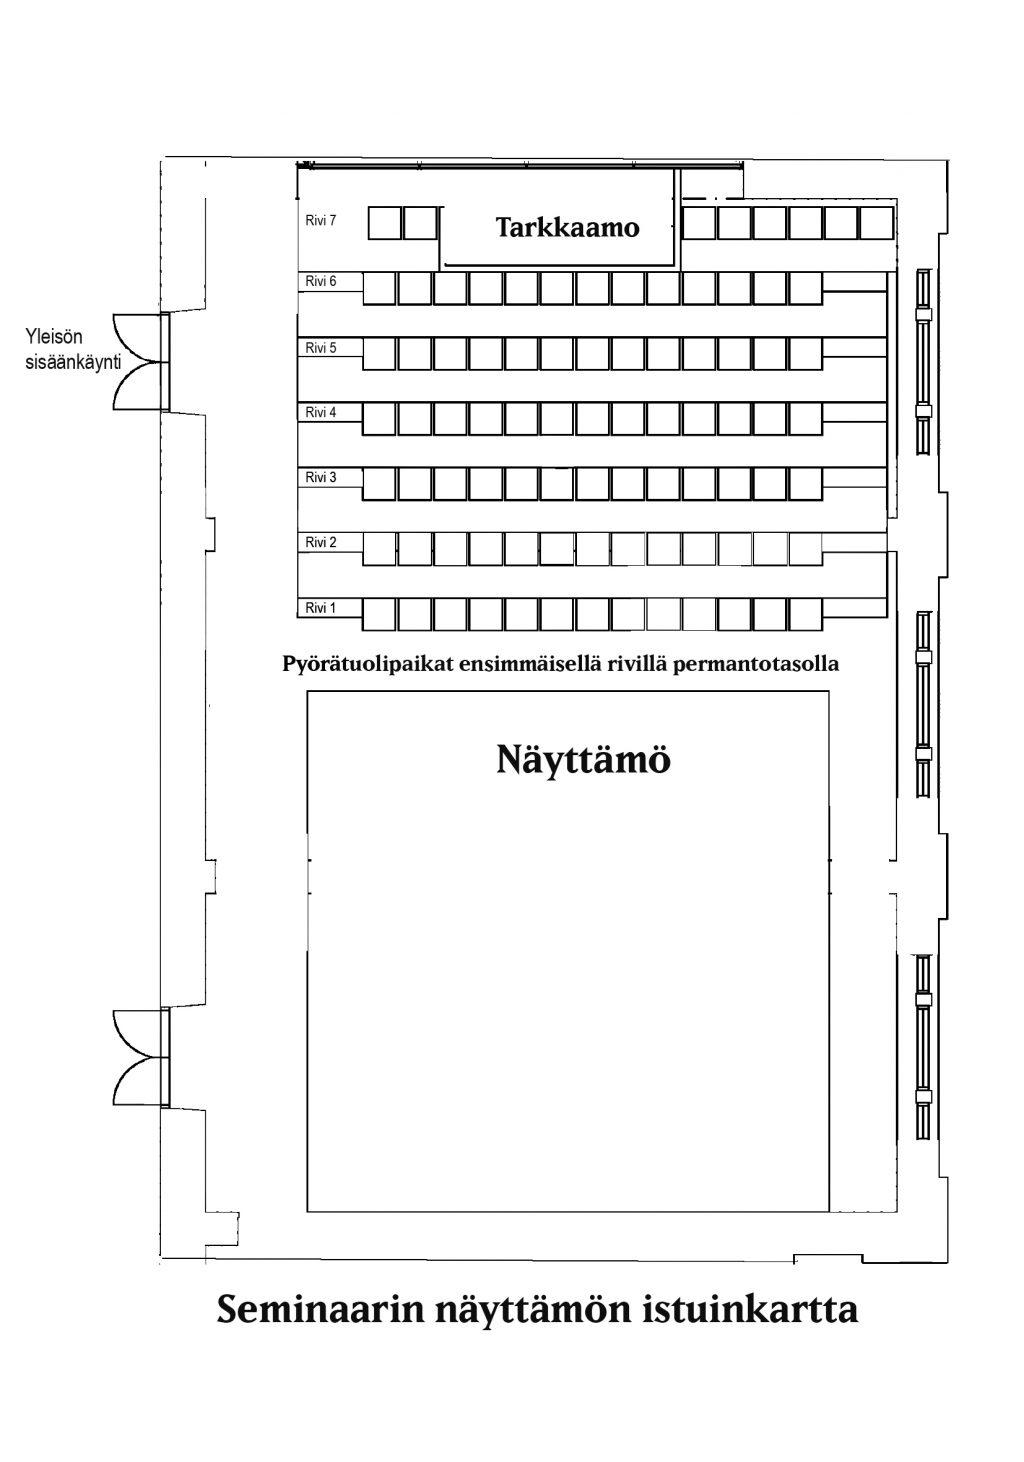 Seminaarin näyttämön istuinkartta